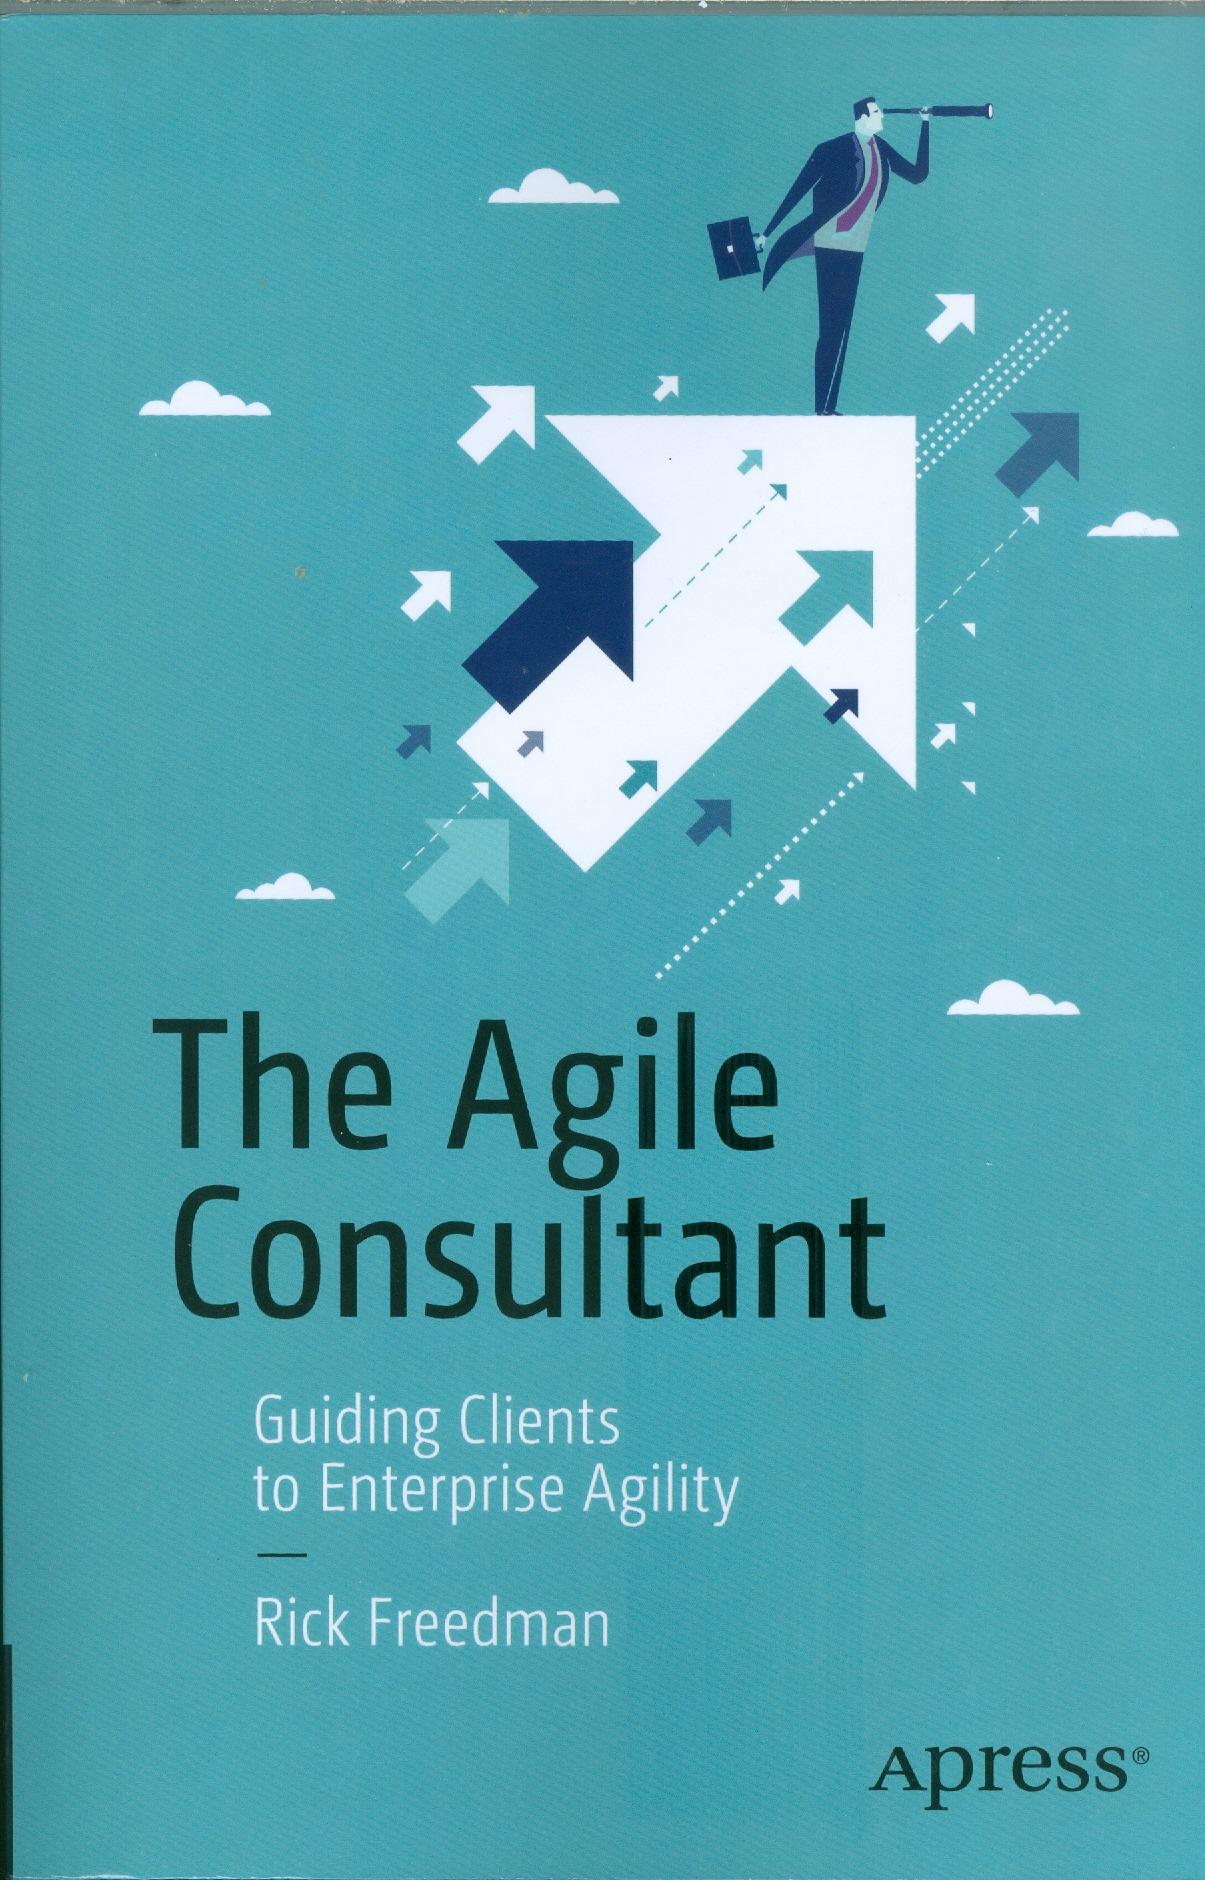 the agile consultant0001.jpg